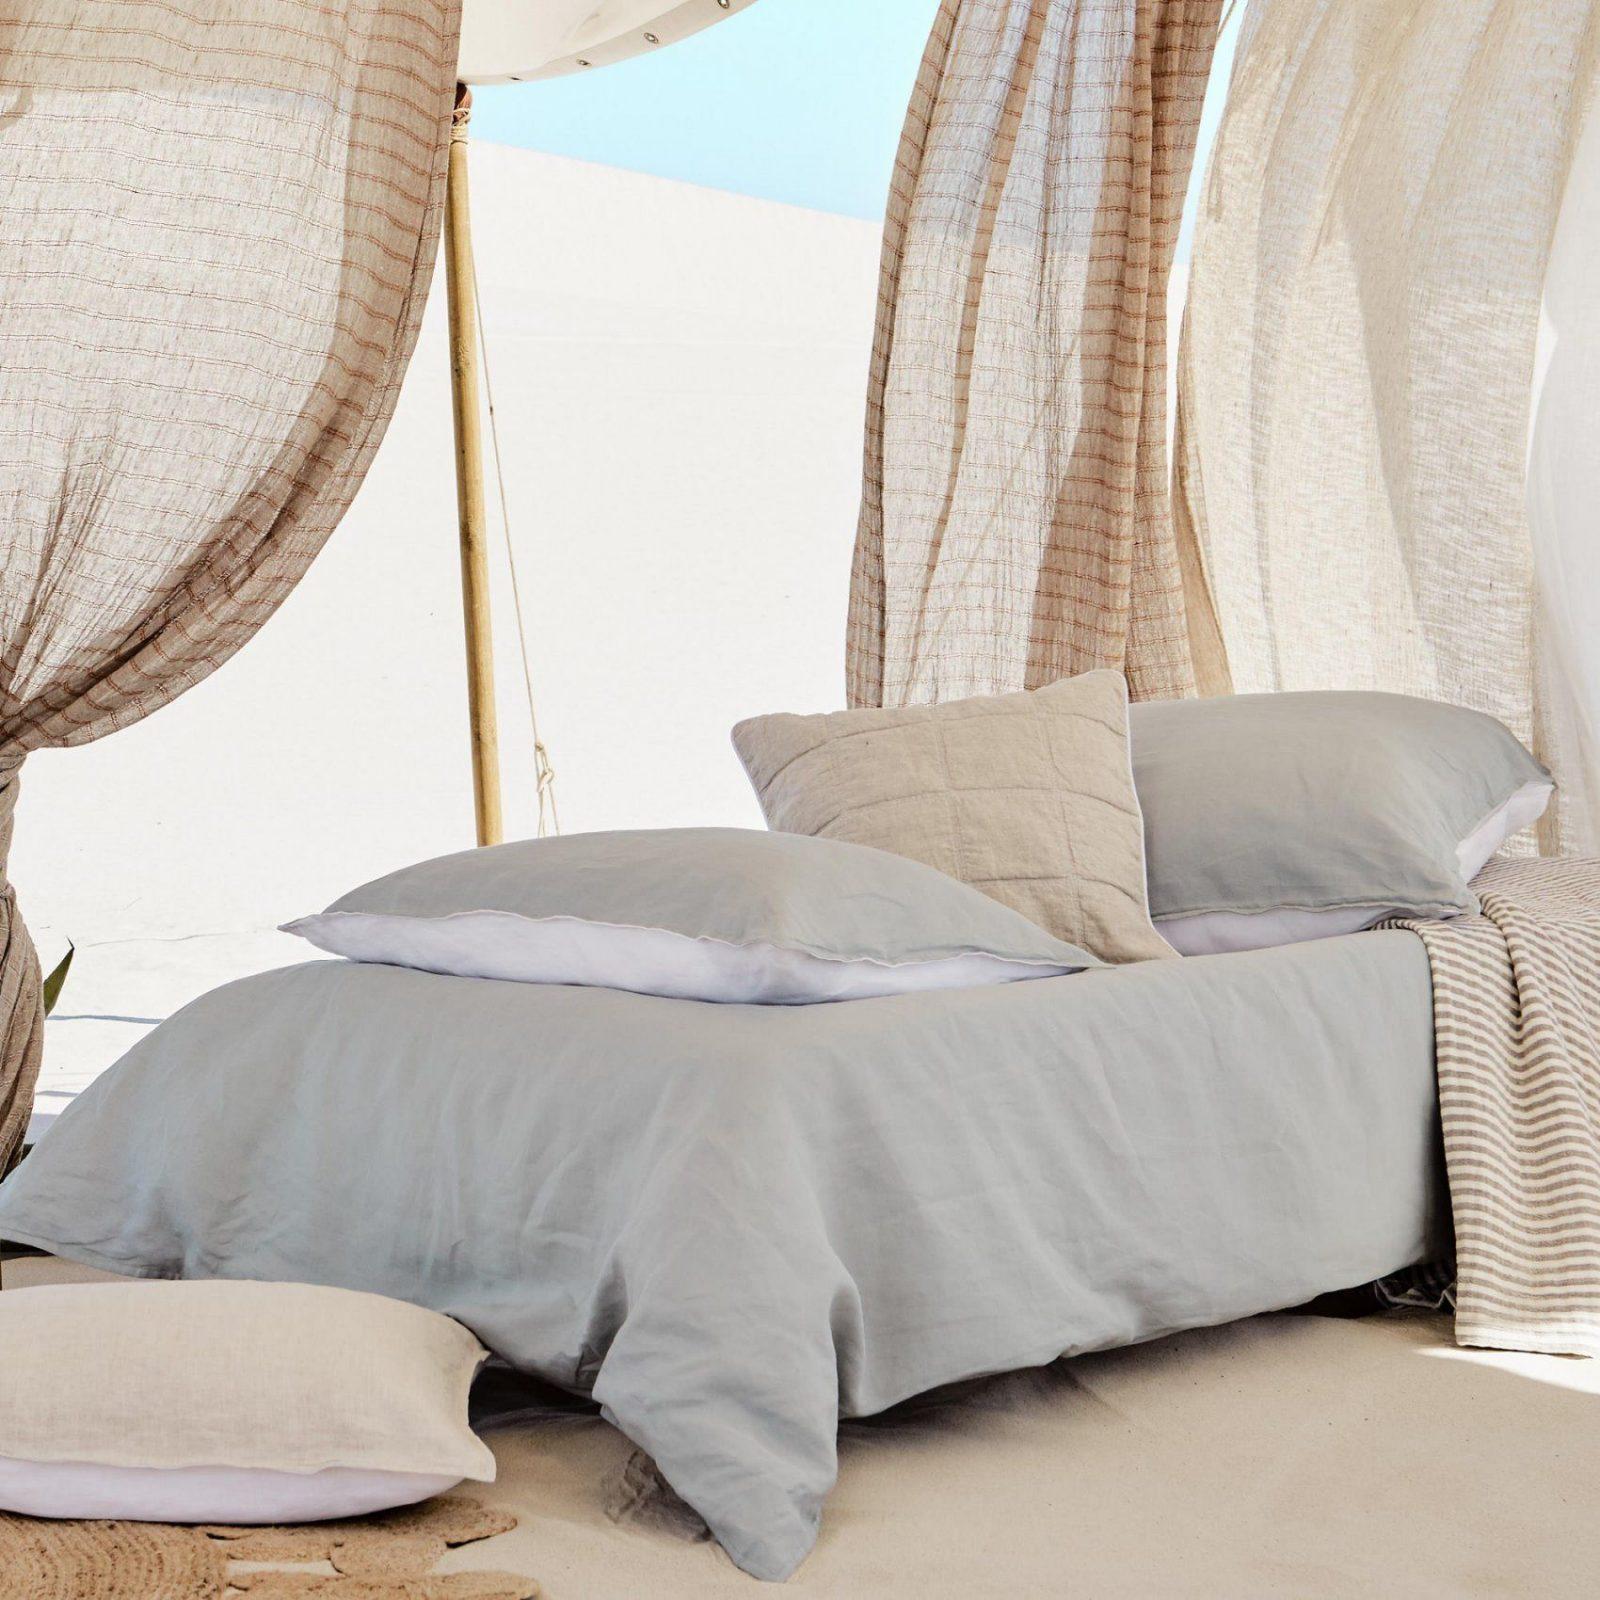 Fresh Leinen Bettwasche Wende Bettwäsche Cercosa Bettwaesche Und von Ikea Bettwäsche Waschen Photo